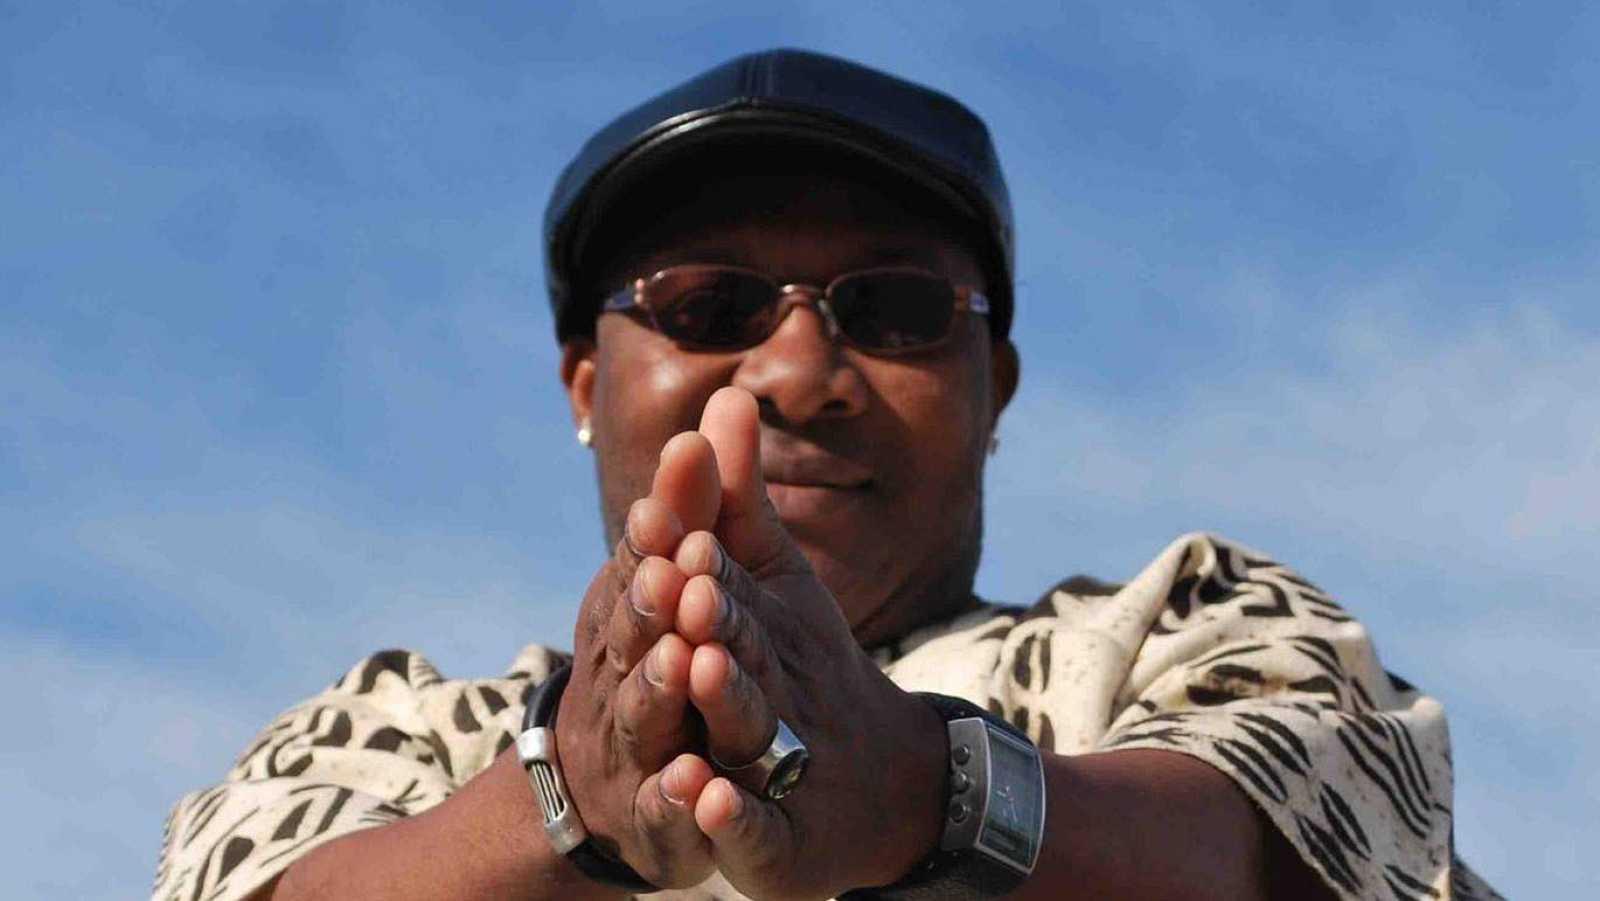 África hoy - Baron Ya Búk-lu, un referente en el espacio cultural afroiberoamericano - 01/10/20 - Escuchar ahora